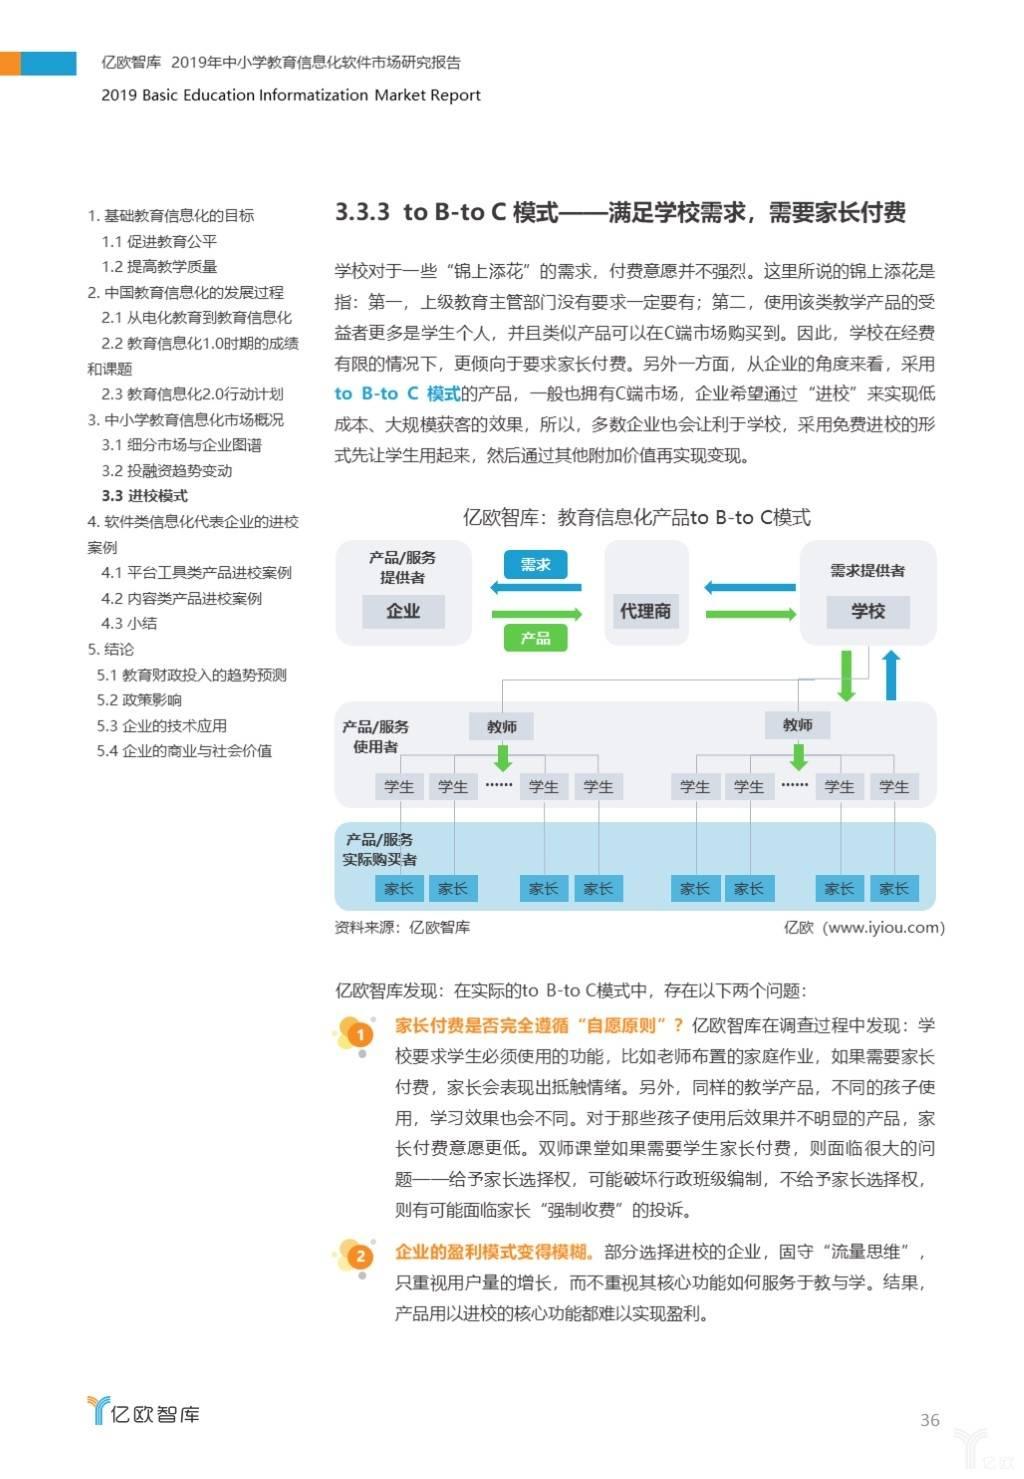 教育信息化to B-to C模式.jpg